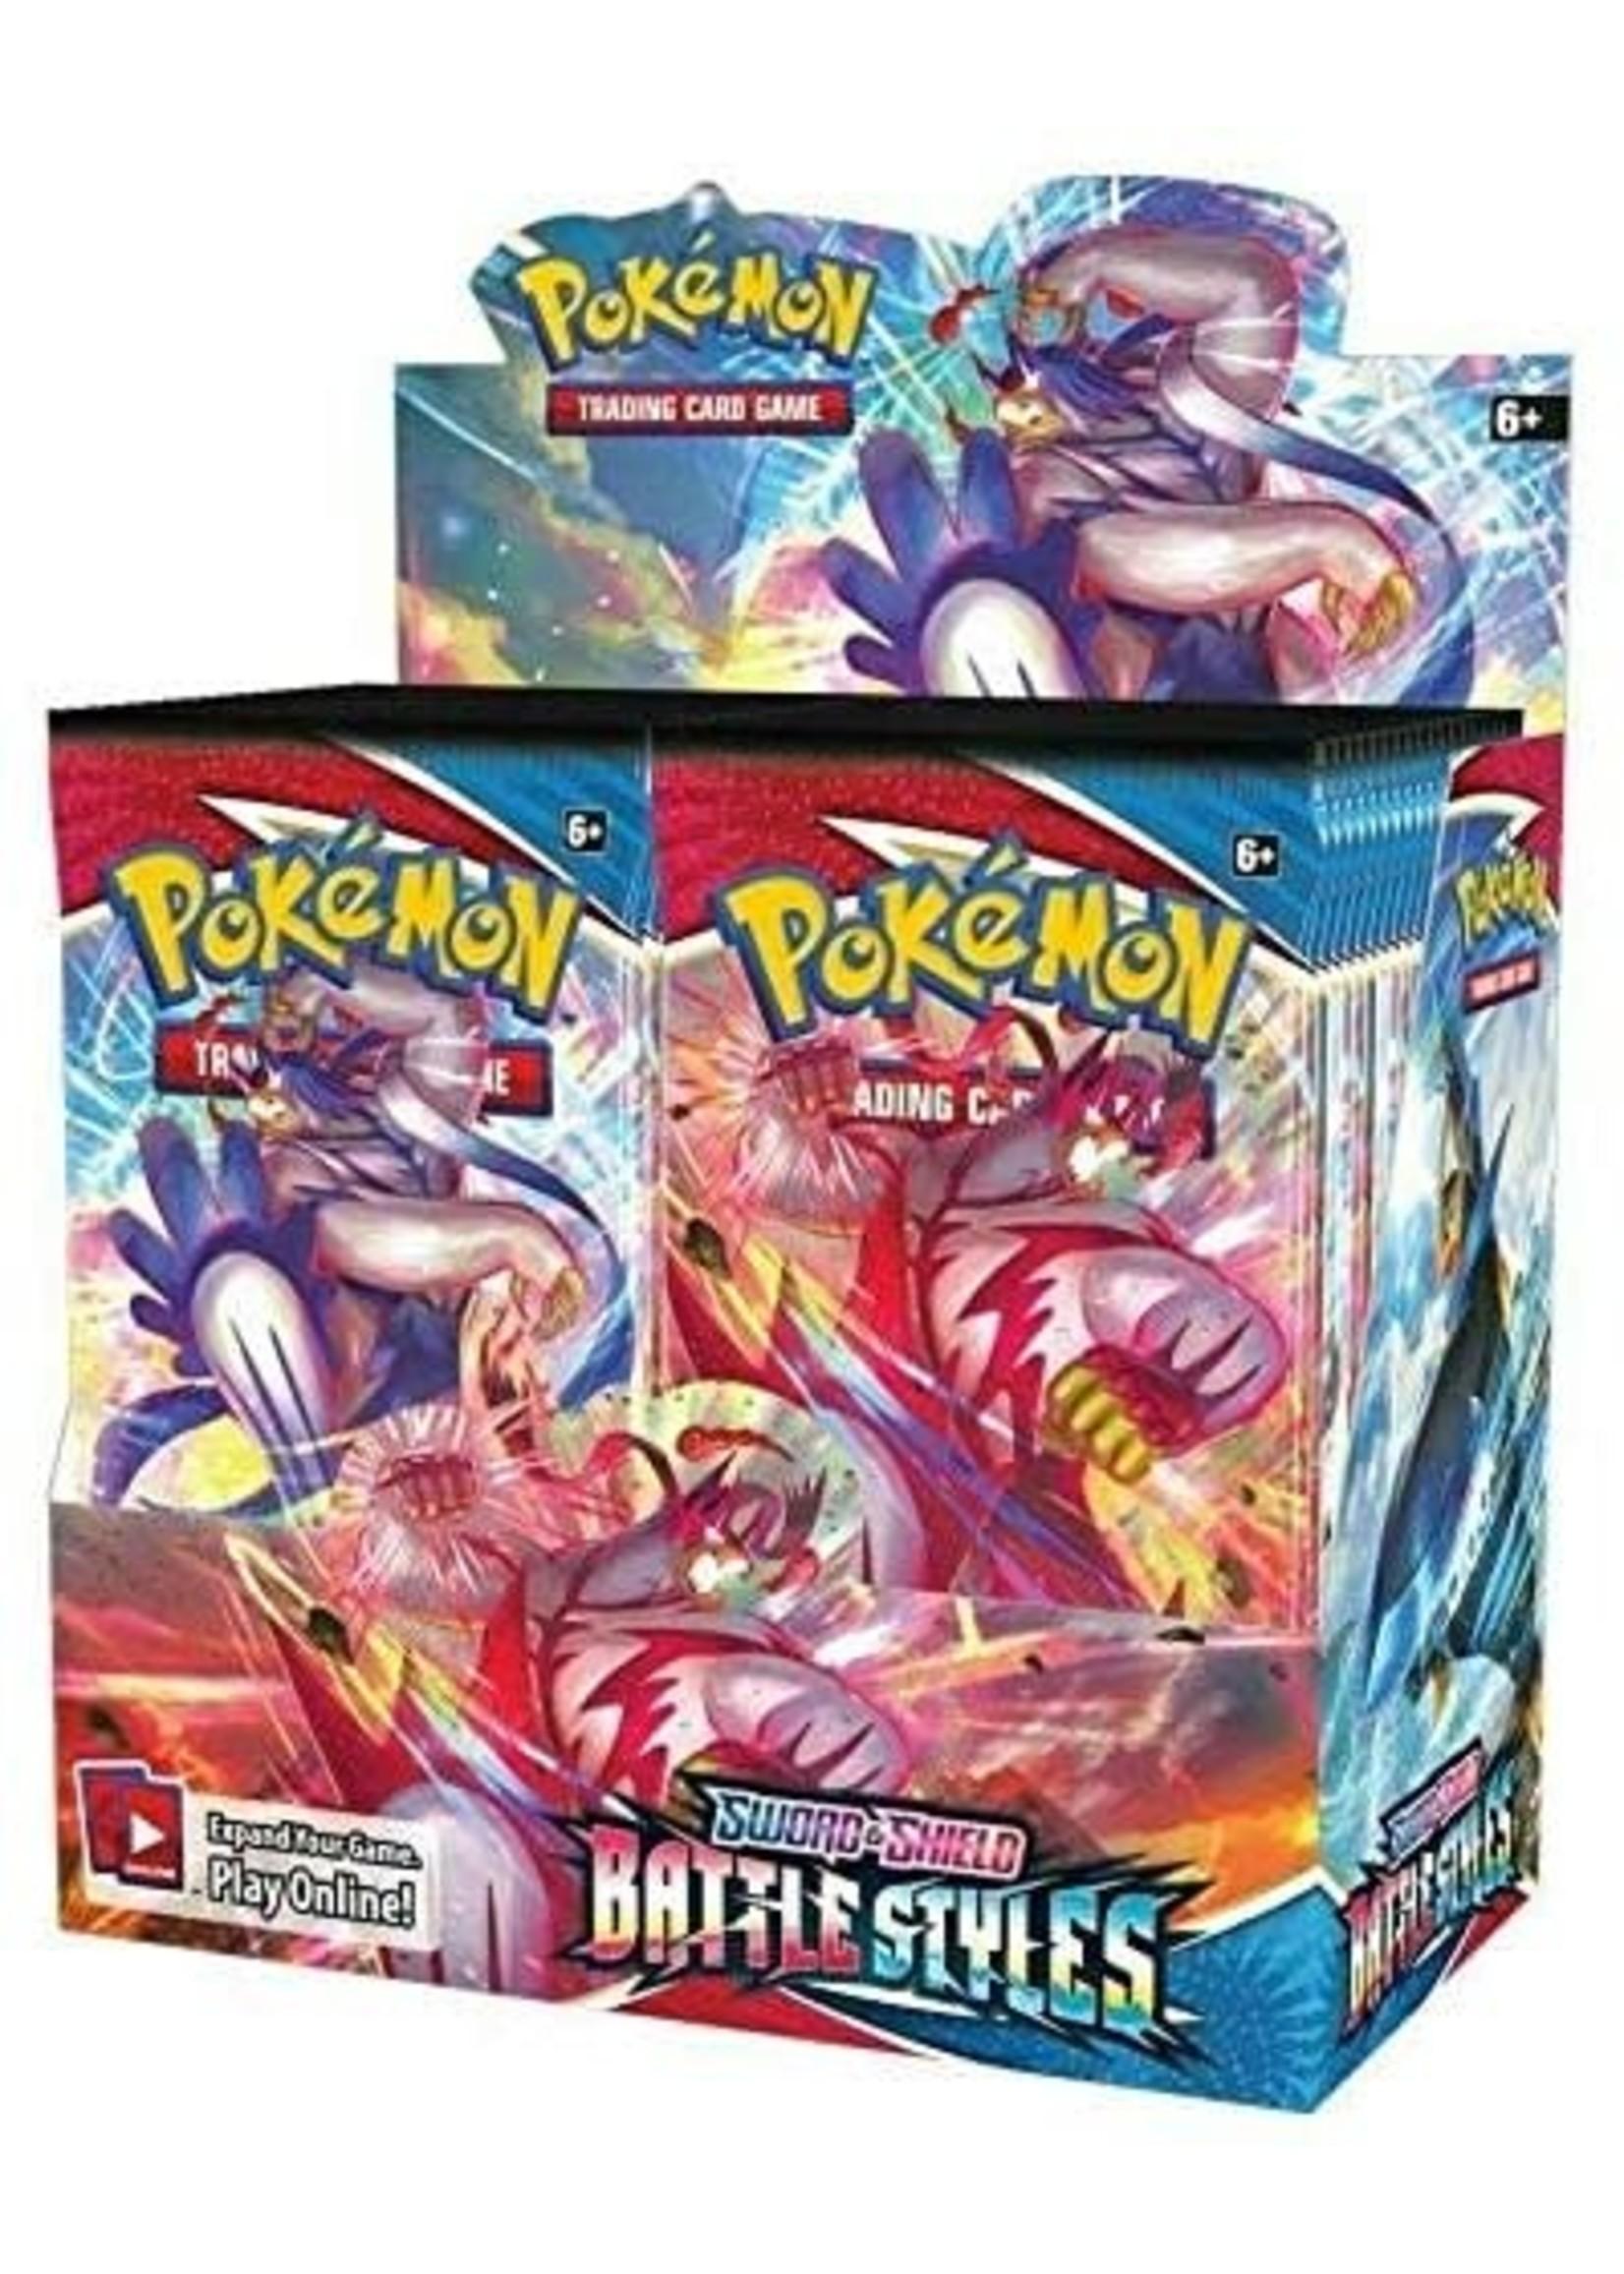 Pokemon USA Pokemon Battle Styles Booster Box